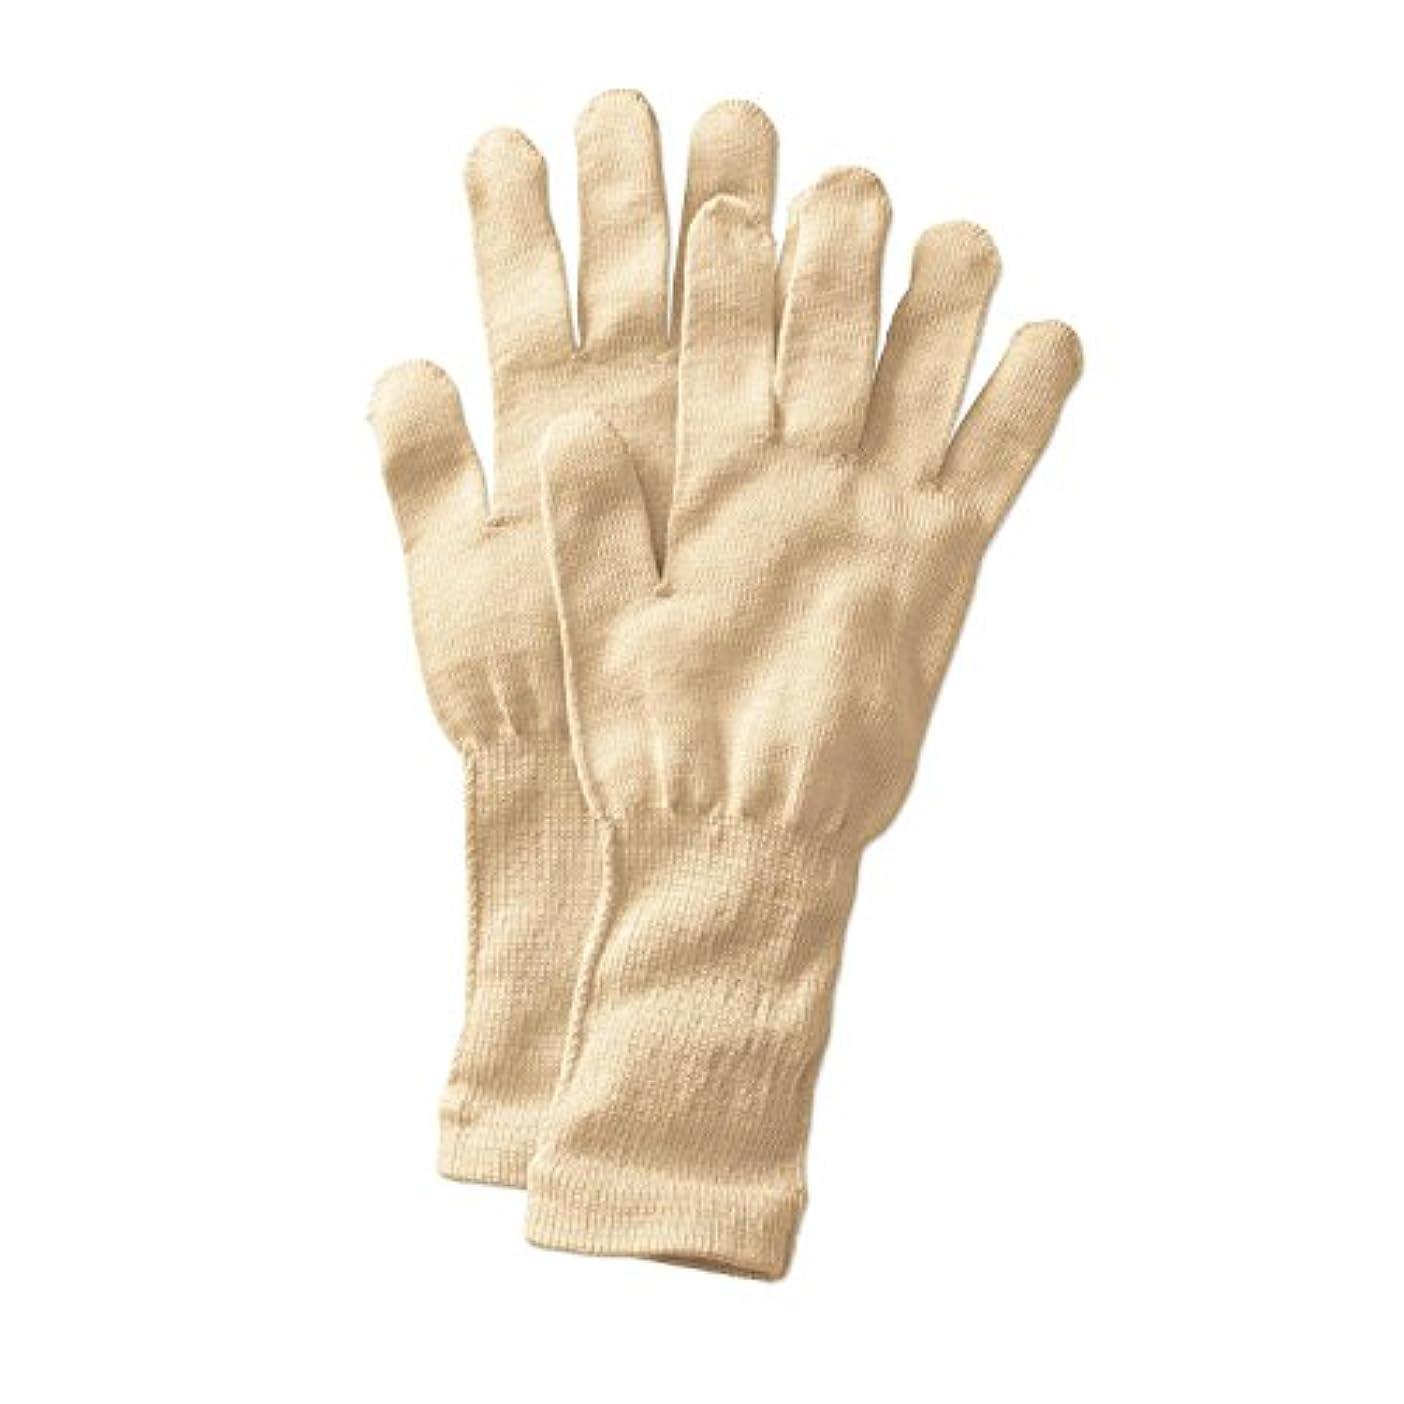 再開直感指令[ベルメゾン] 手袋 シルク 冷え取り おやすみ あったか /冷えとり日和365 クリーム